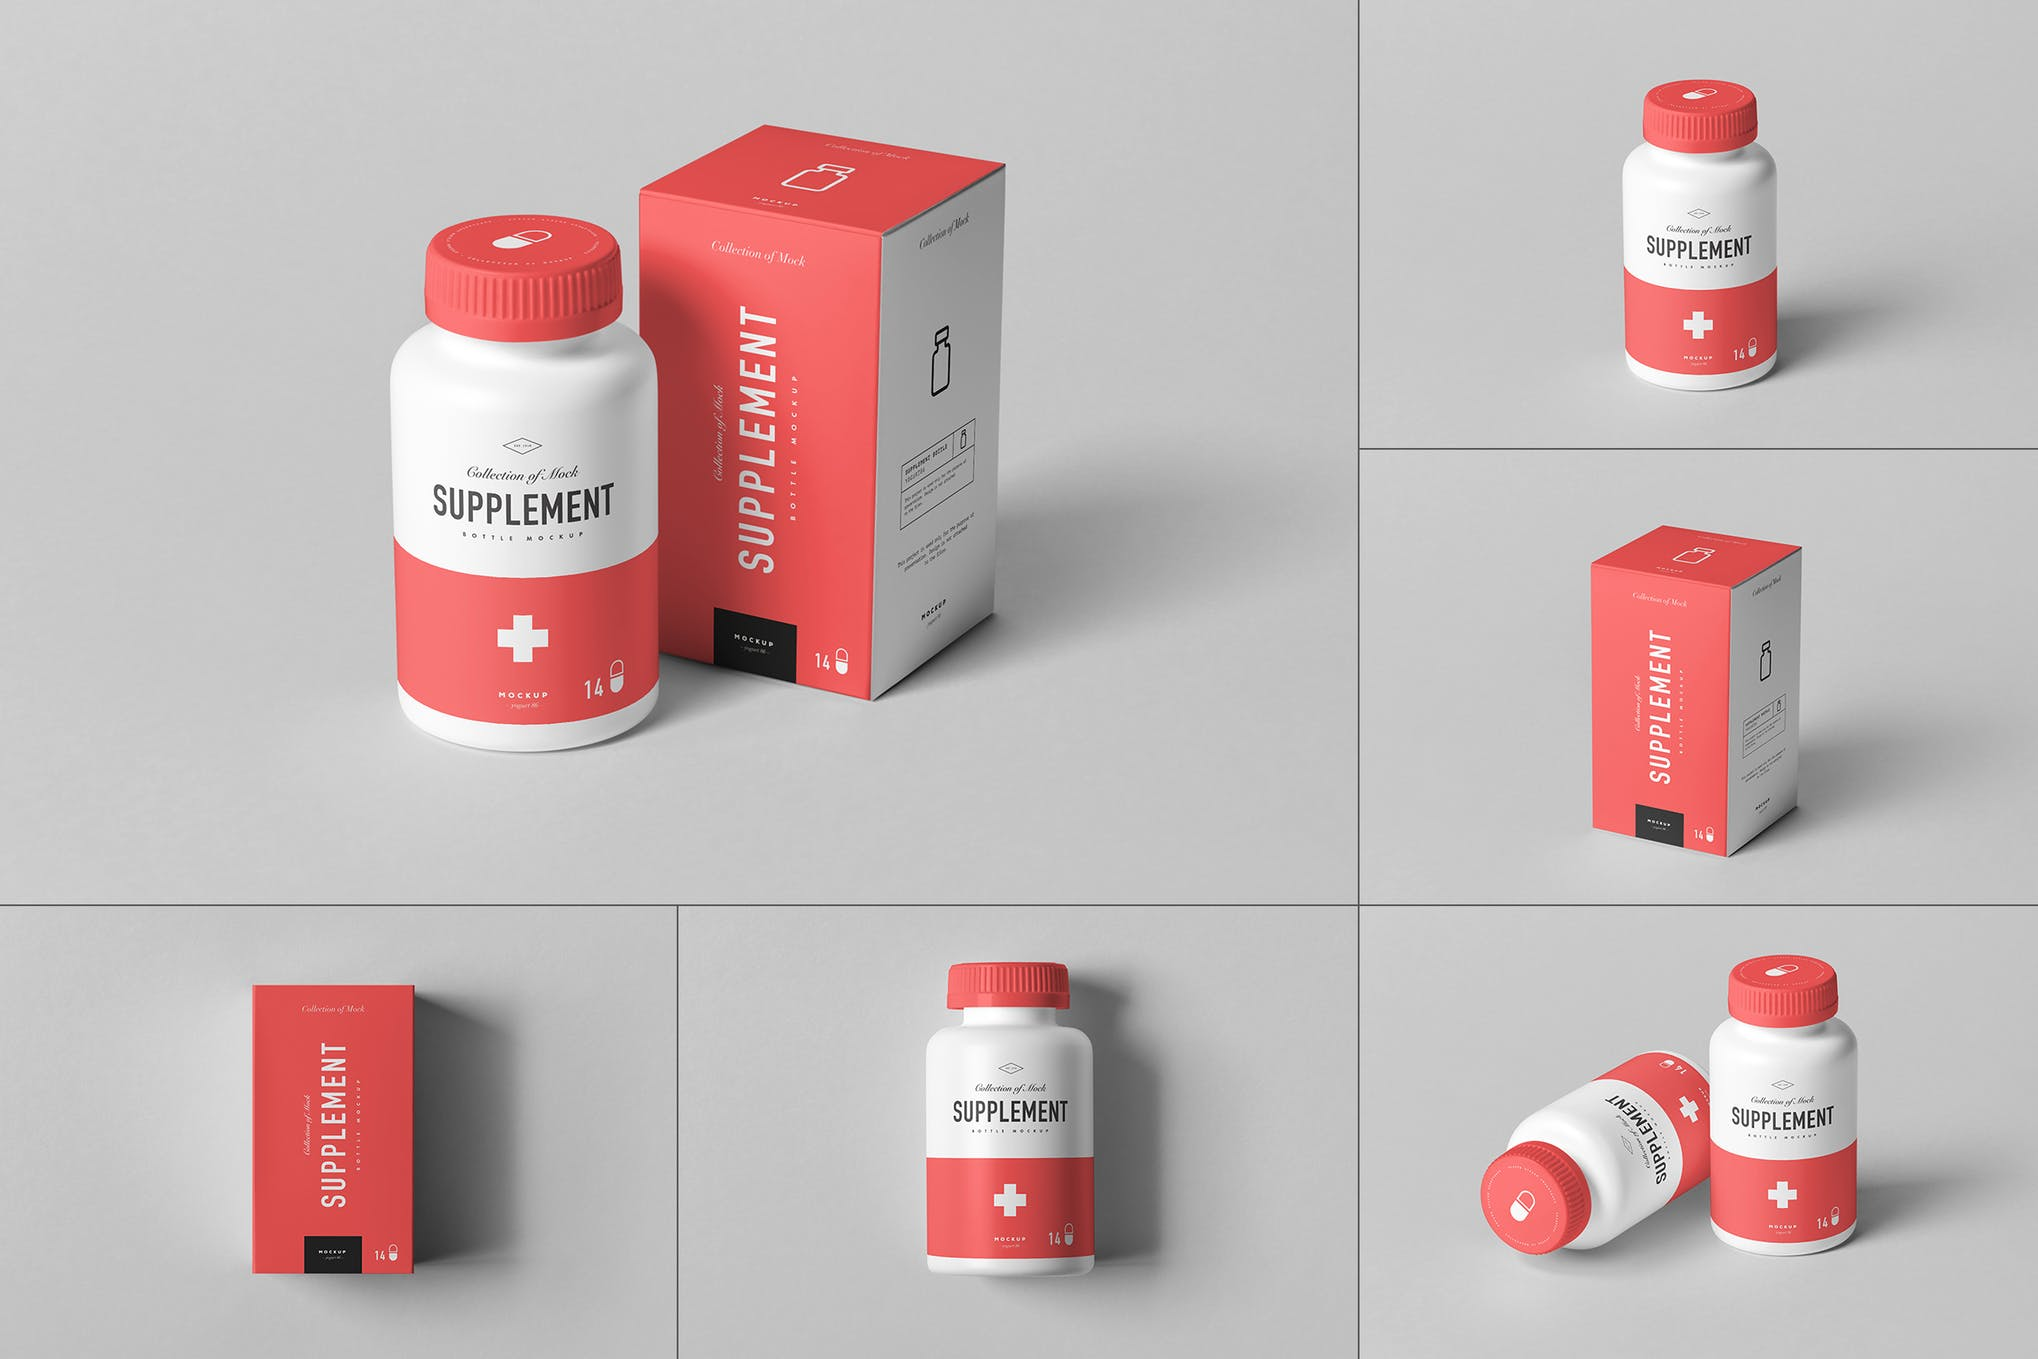 药瓶和药盒 Ver.3样机效果图插图(1)